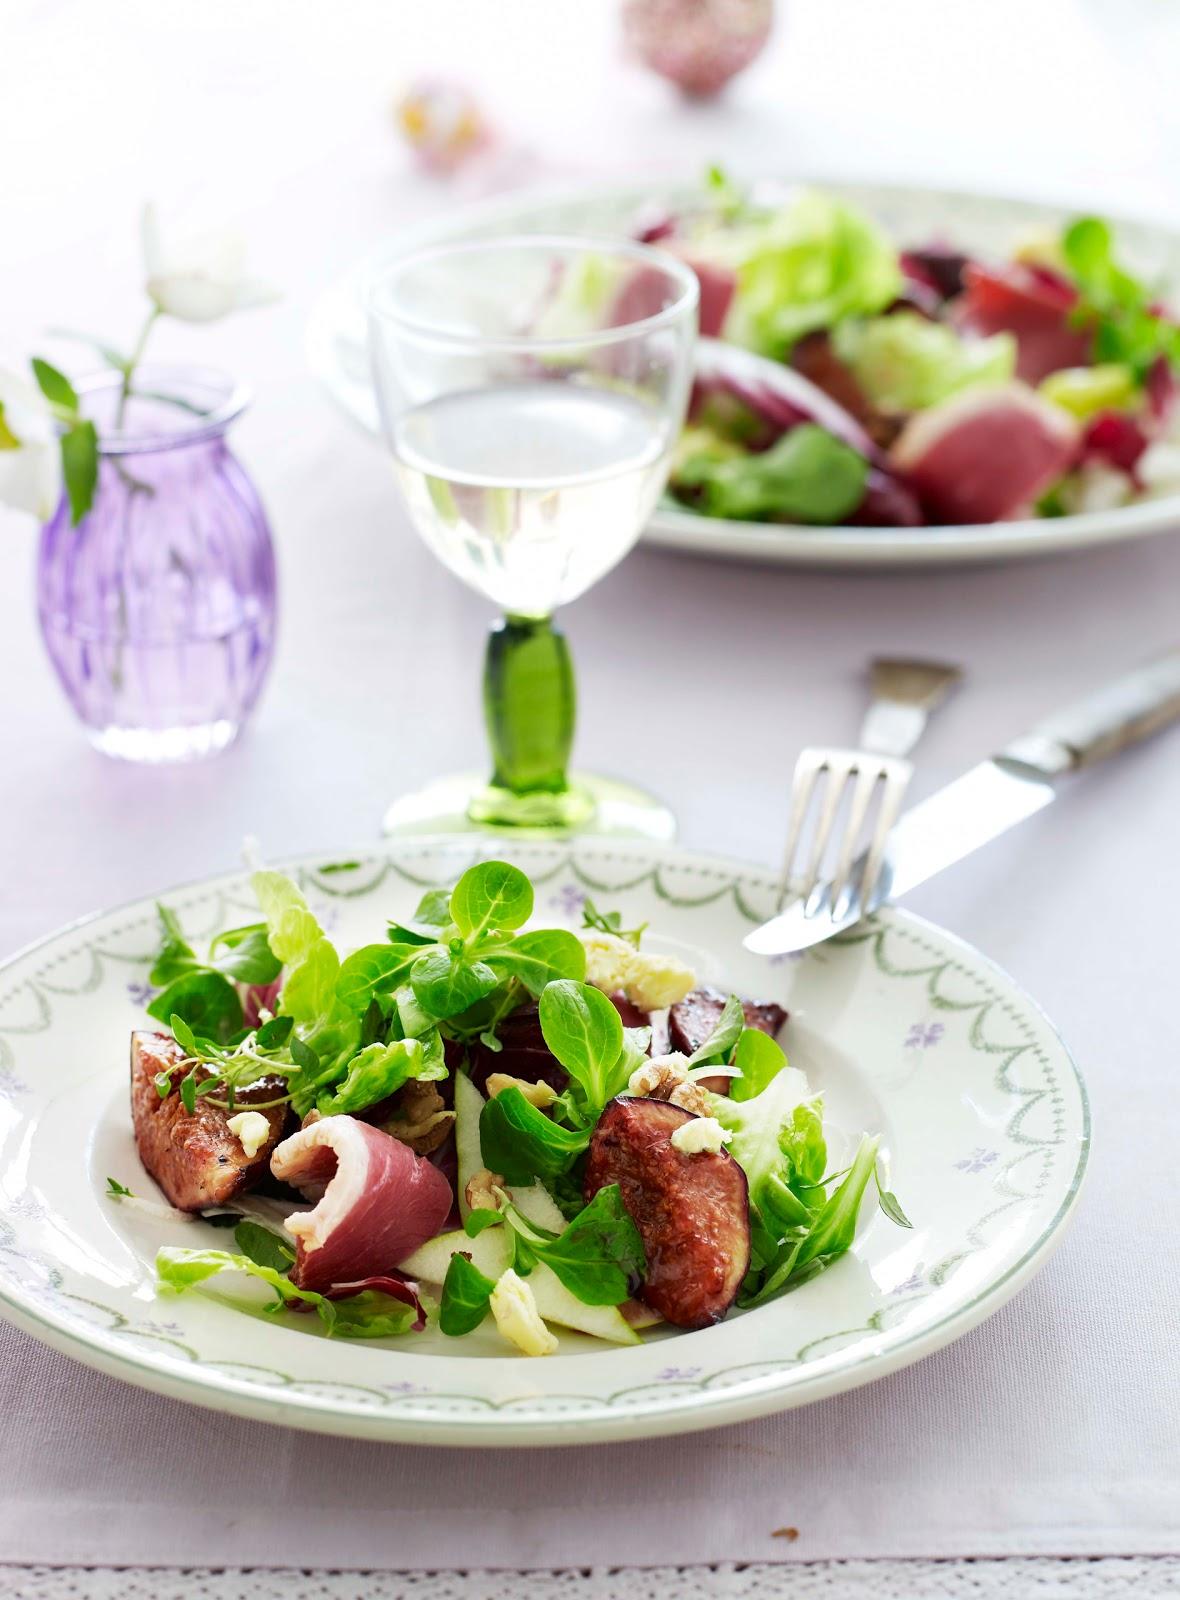 mad hovedretter salat med roeget andebryst figner valnoedder og paerer